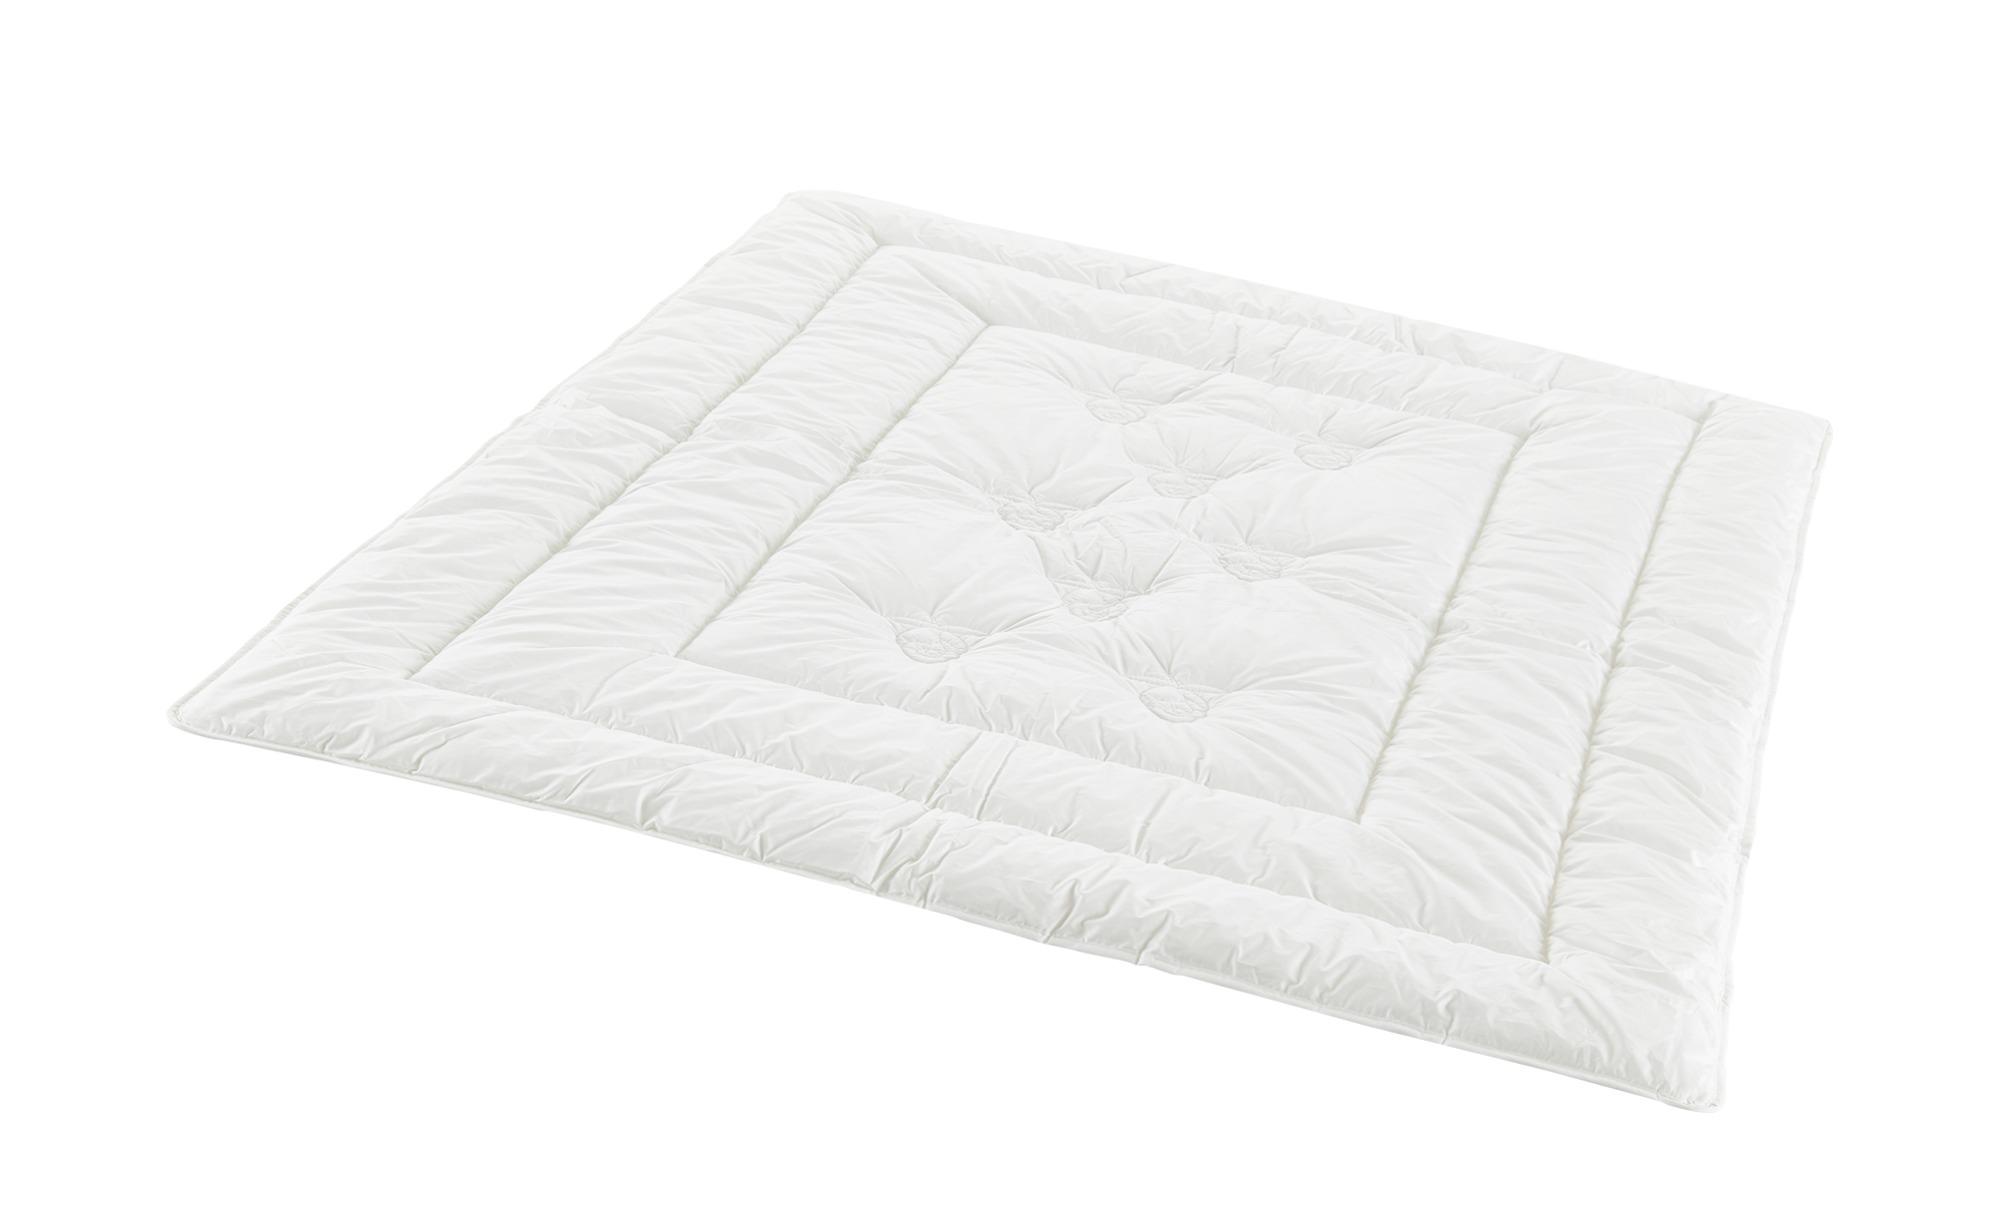 Kopfkissen Decke Bettdecke Daunen 135x200 Karstadt Federbett